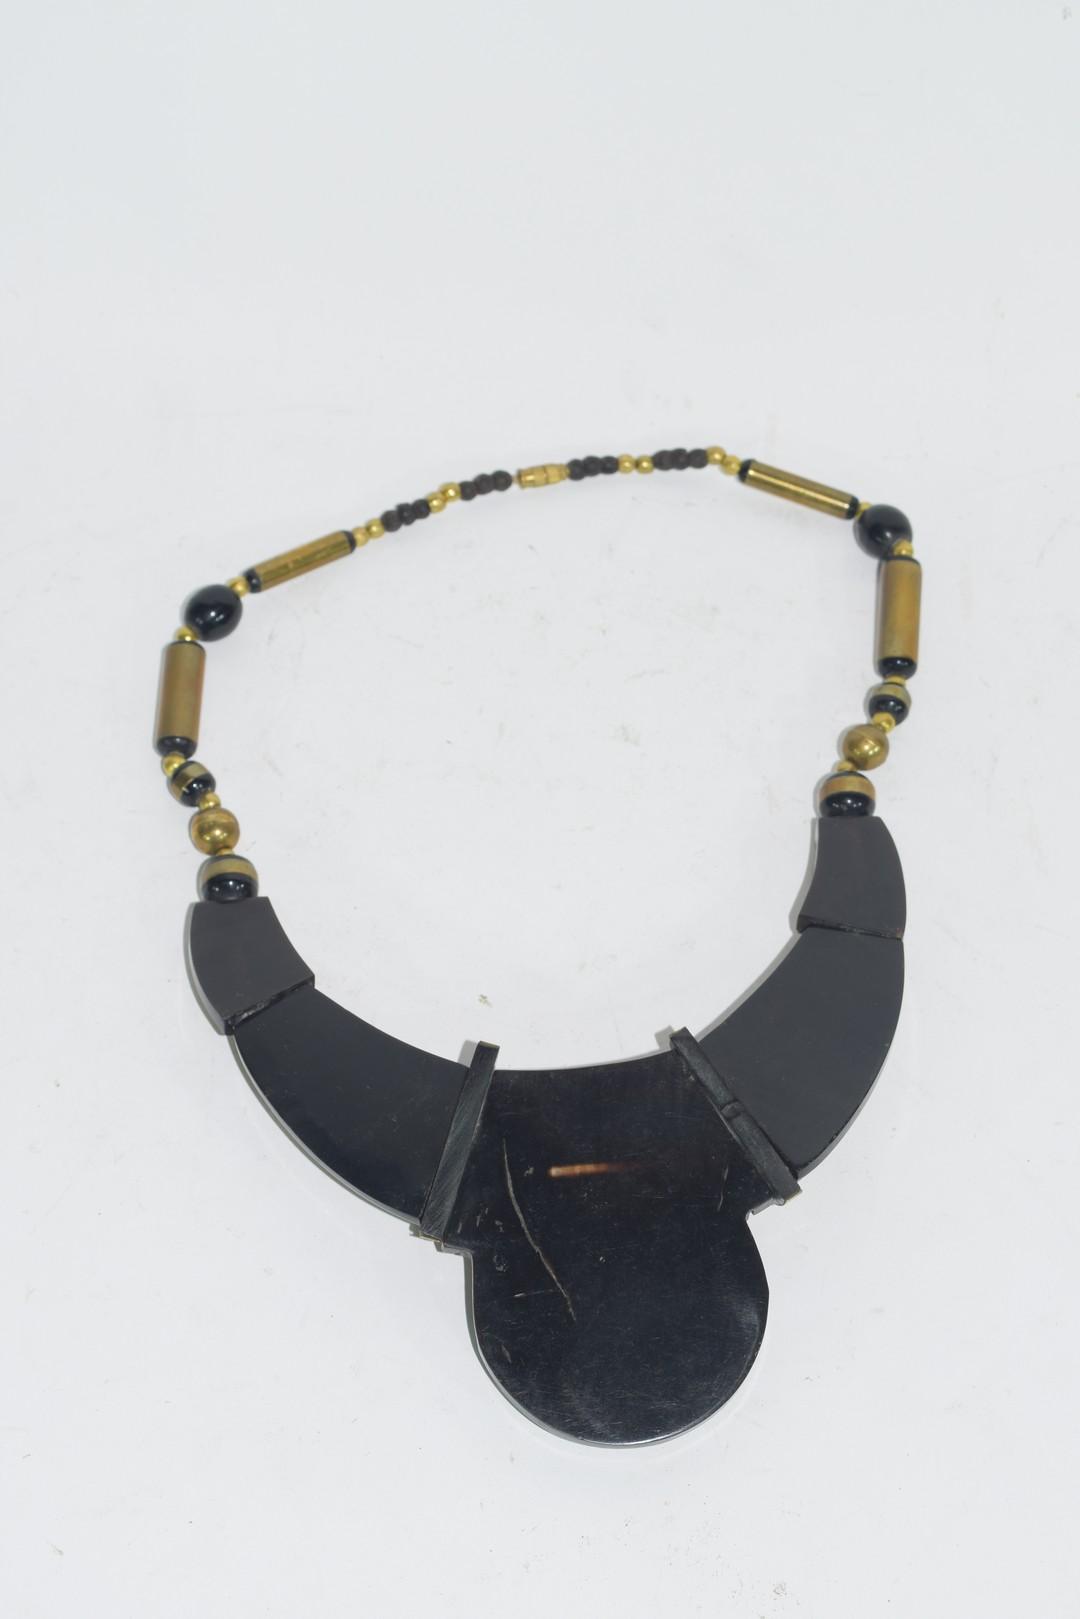 Tortoiseshell style Art Deco necklace - Image 2 of 3